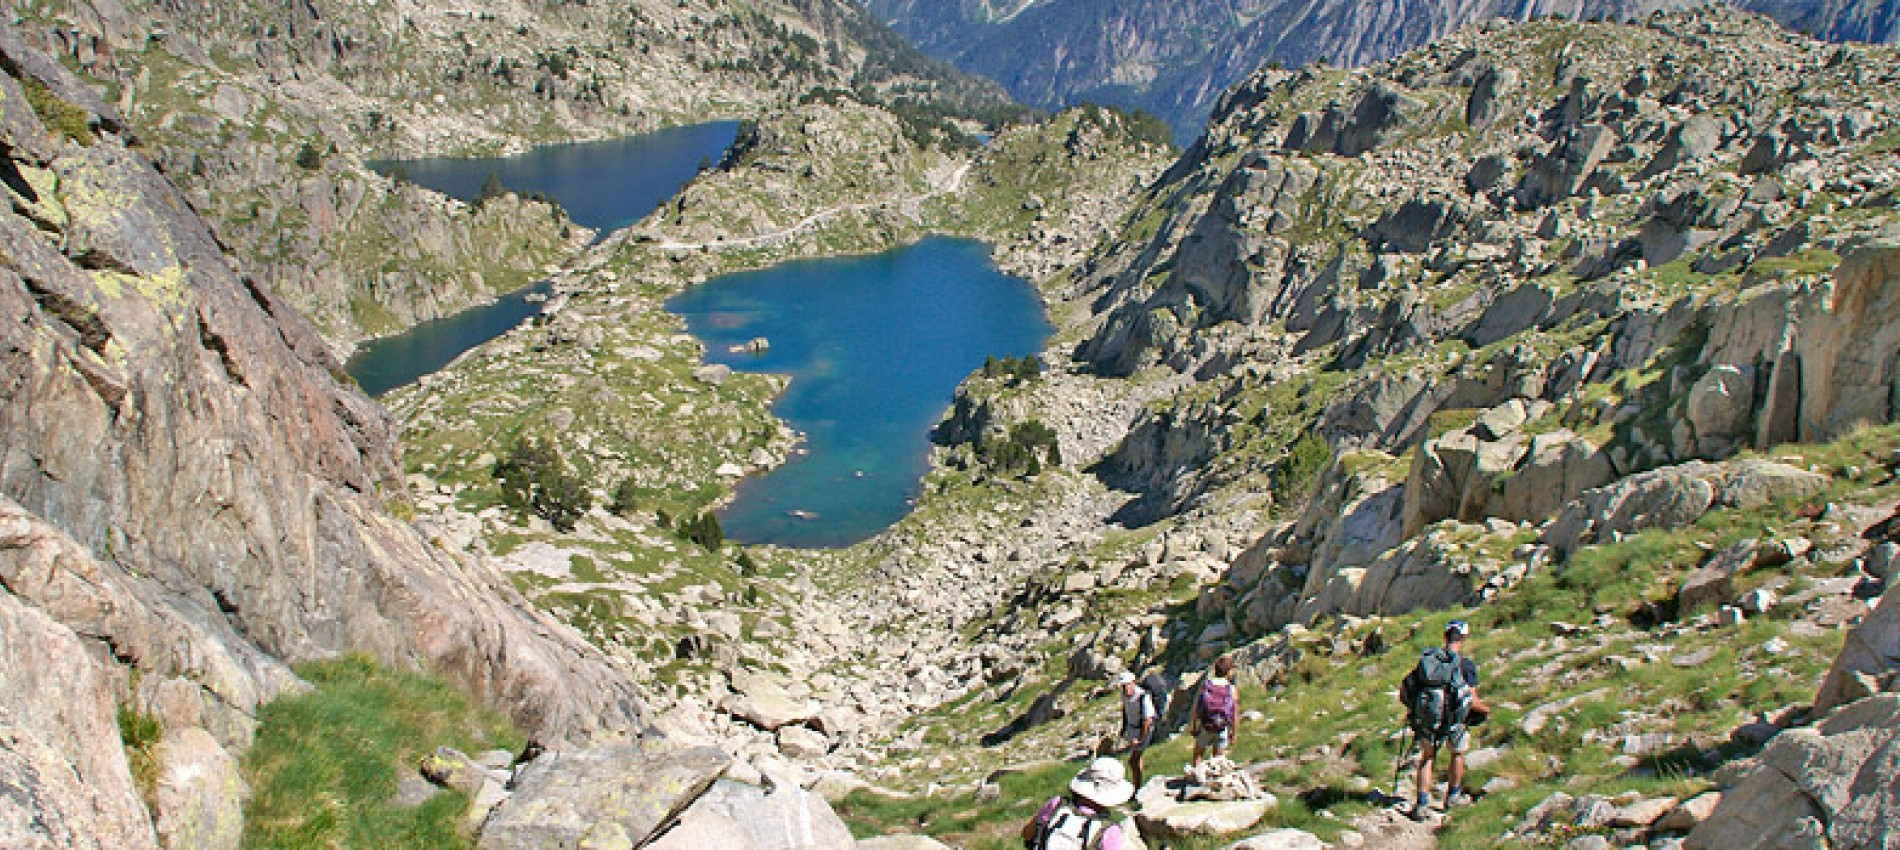 Lacs et refuge d'Amitges Encantats